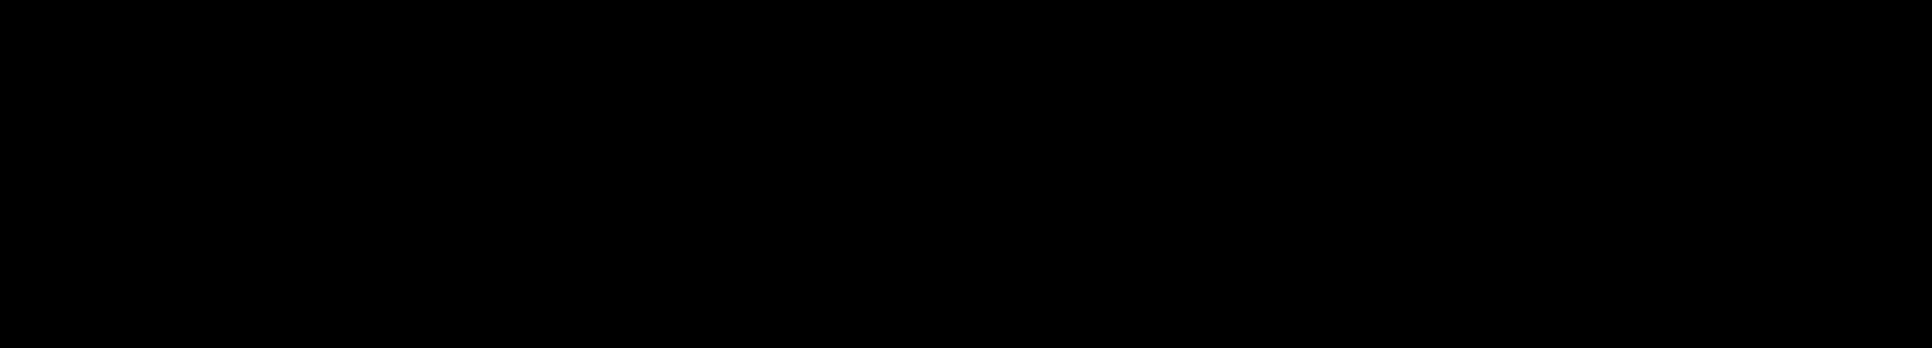 2 - DAU MAU Ratio Formula